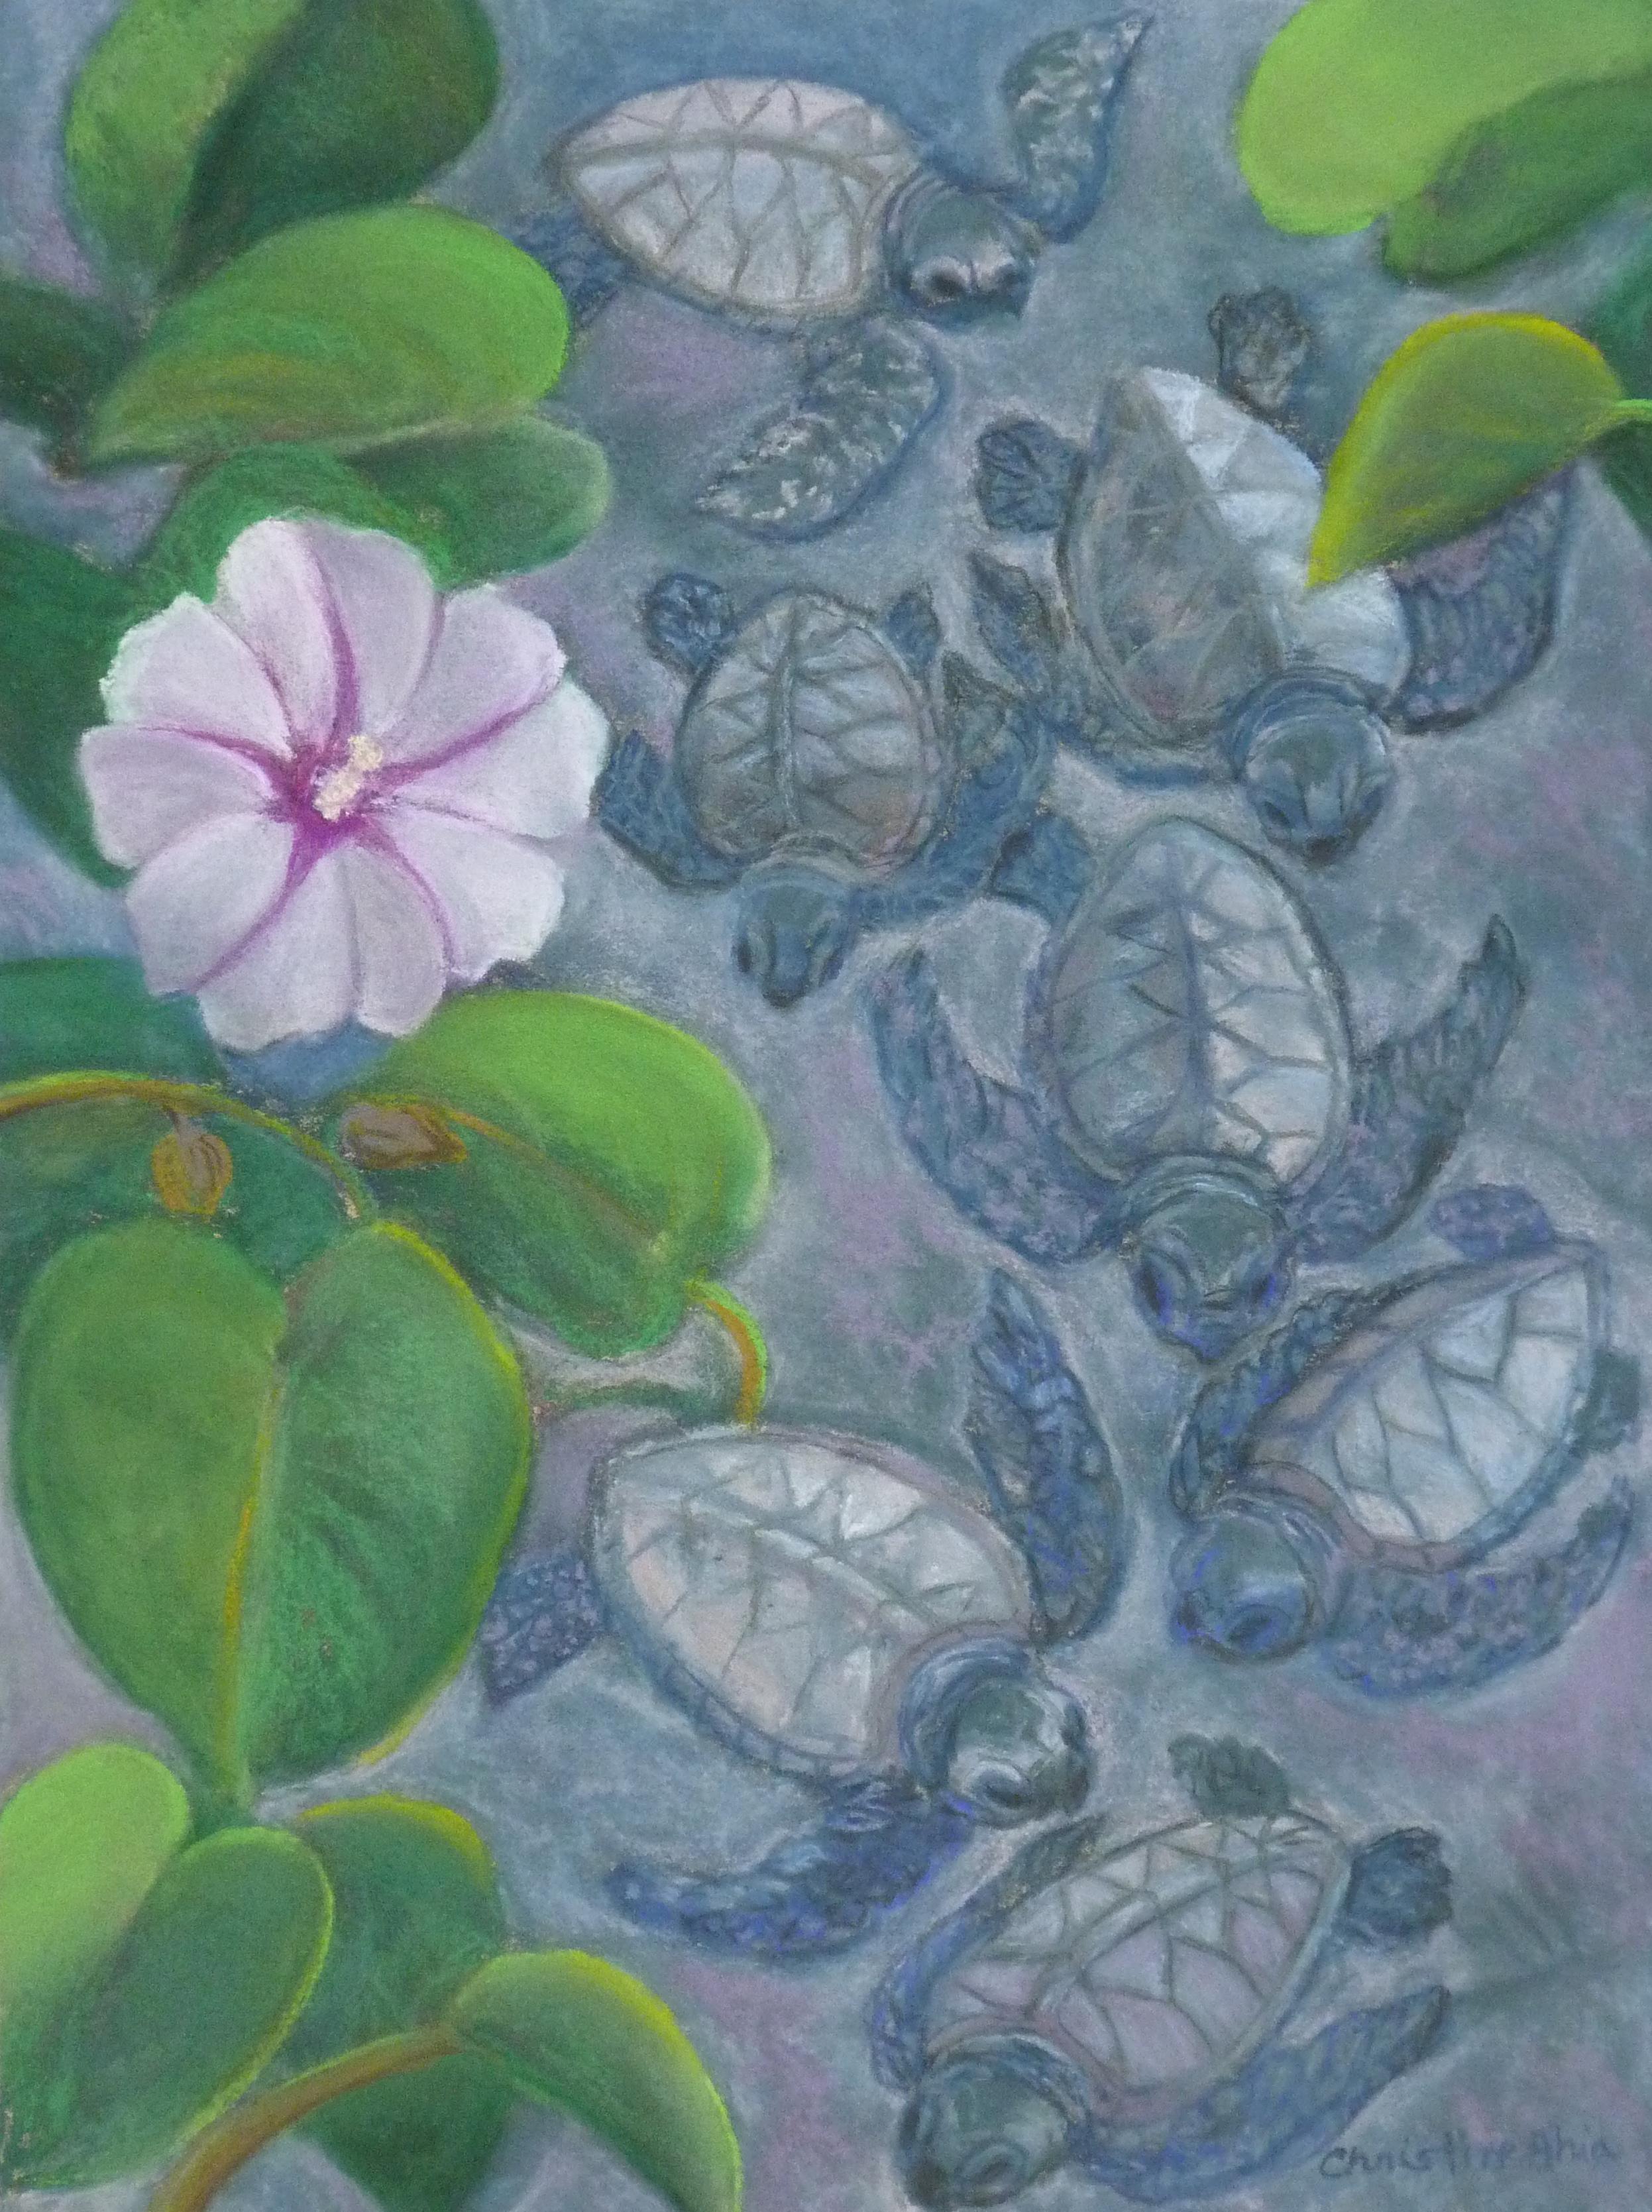 Pōhue, kuʻu one hanau, 9x12, $300